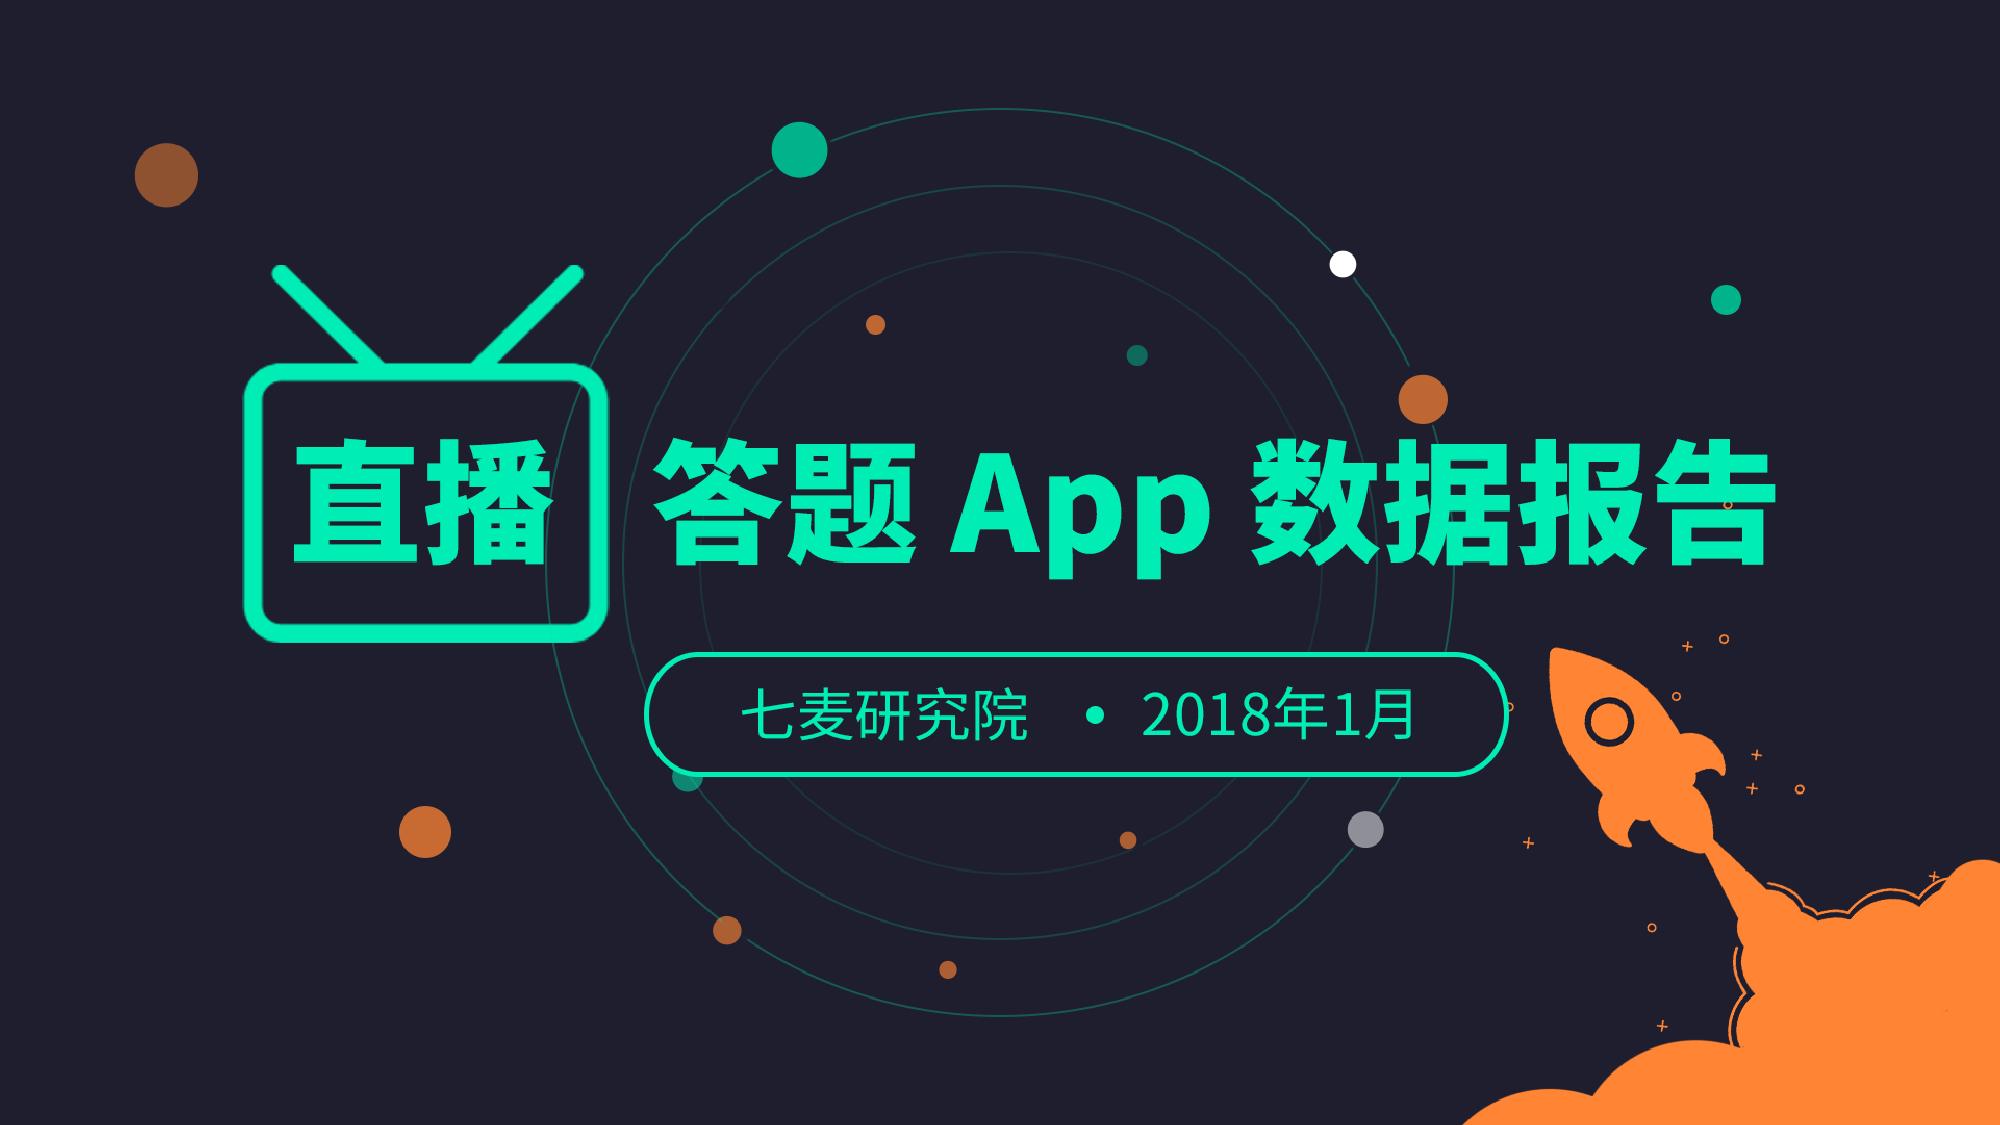 七麦数据:2018年1月直播答题App数据报告